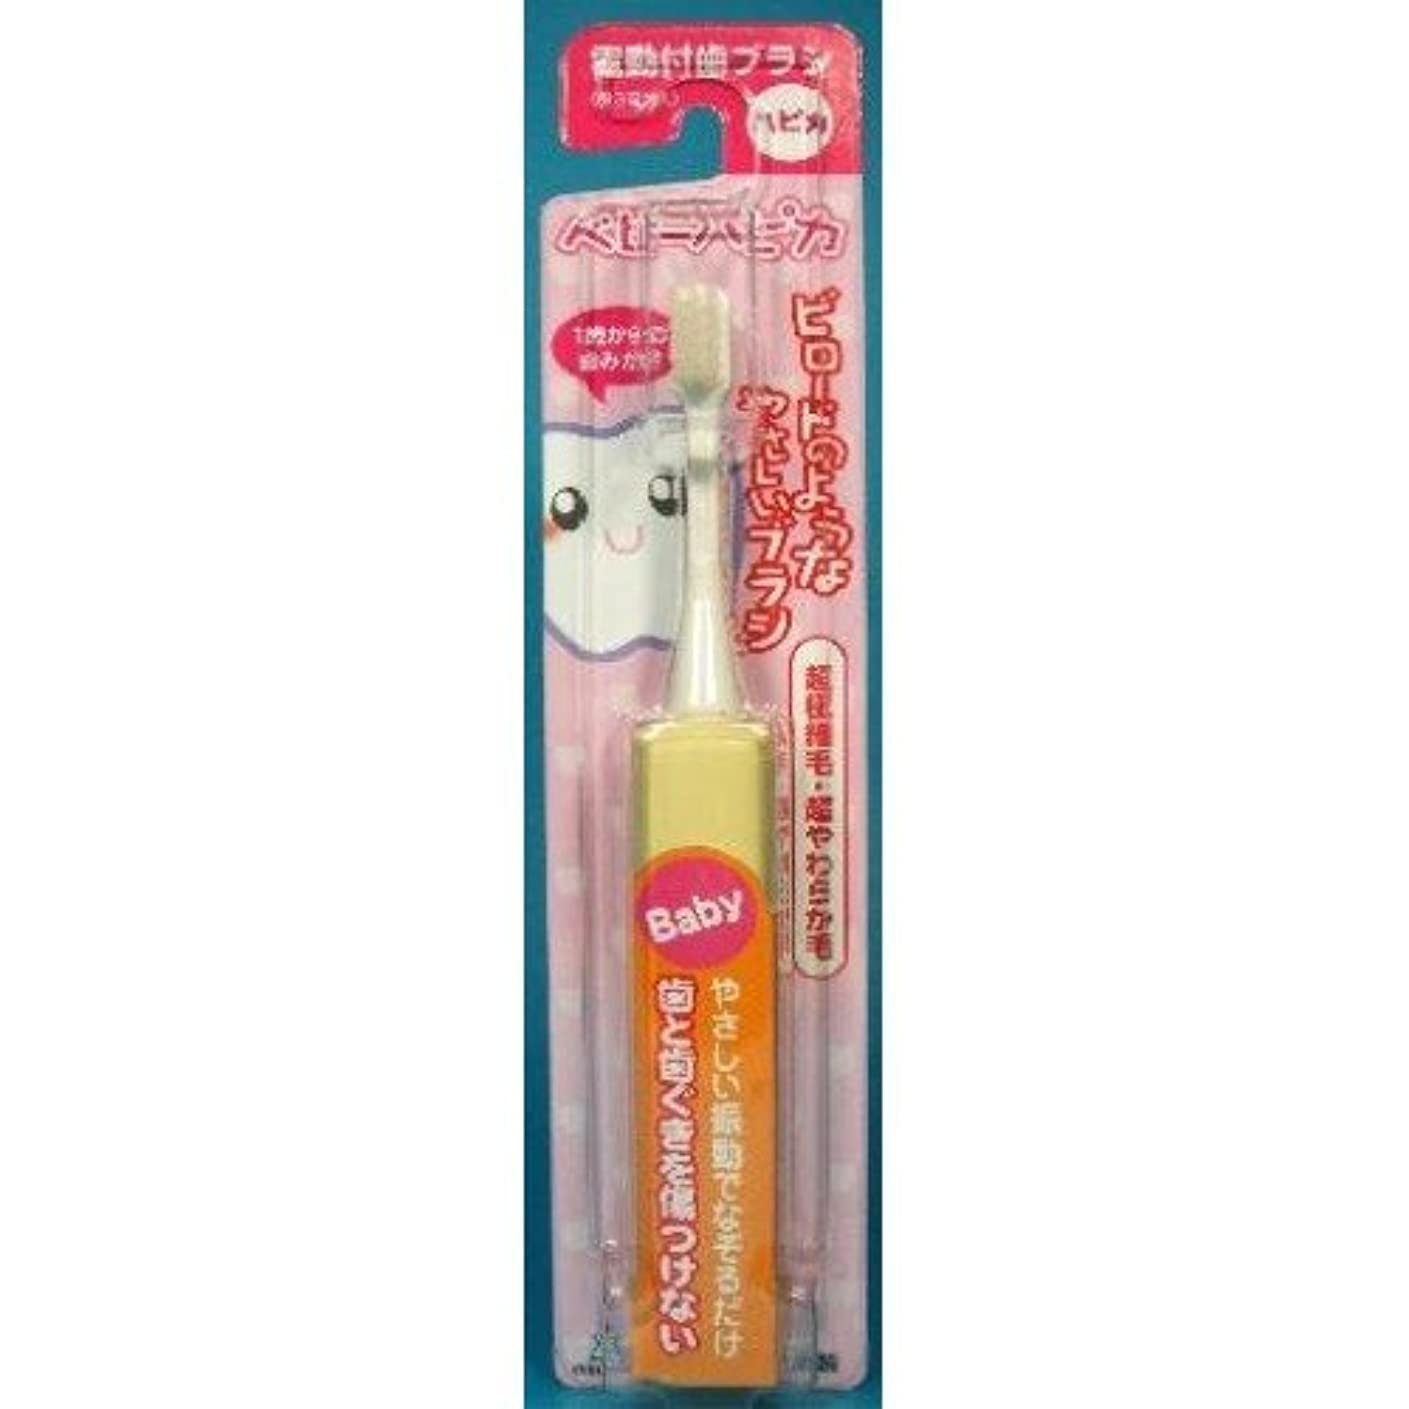 衣類ブース郵便局ミニマム 電動付歯ブラシ ベビーハピカ イエロー 毛の硬さ:超やわらかめ DBB-1Y(BP)